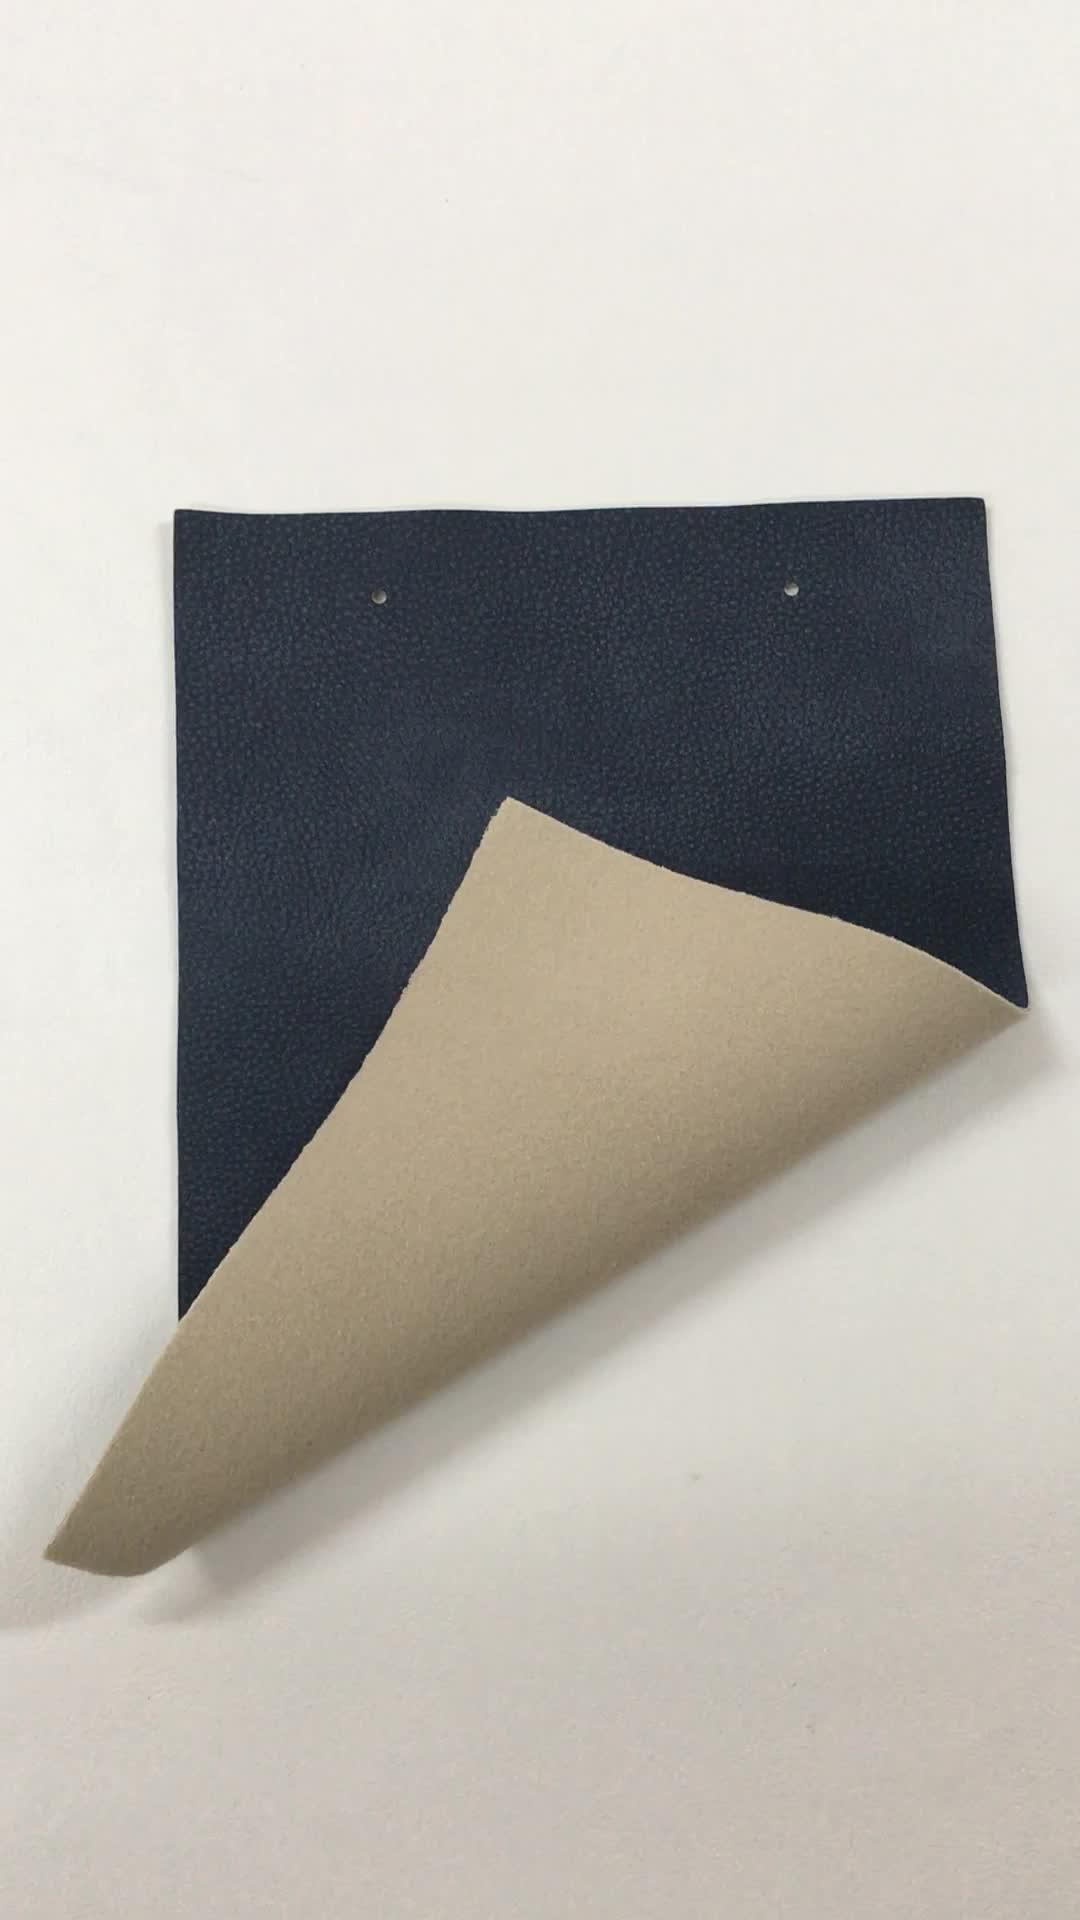 Cinza PU estofos em tecido super suede couro para tampa de assento do carro